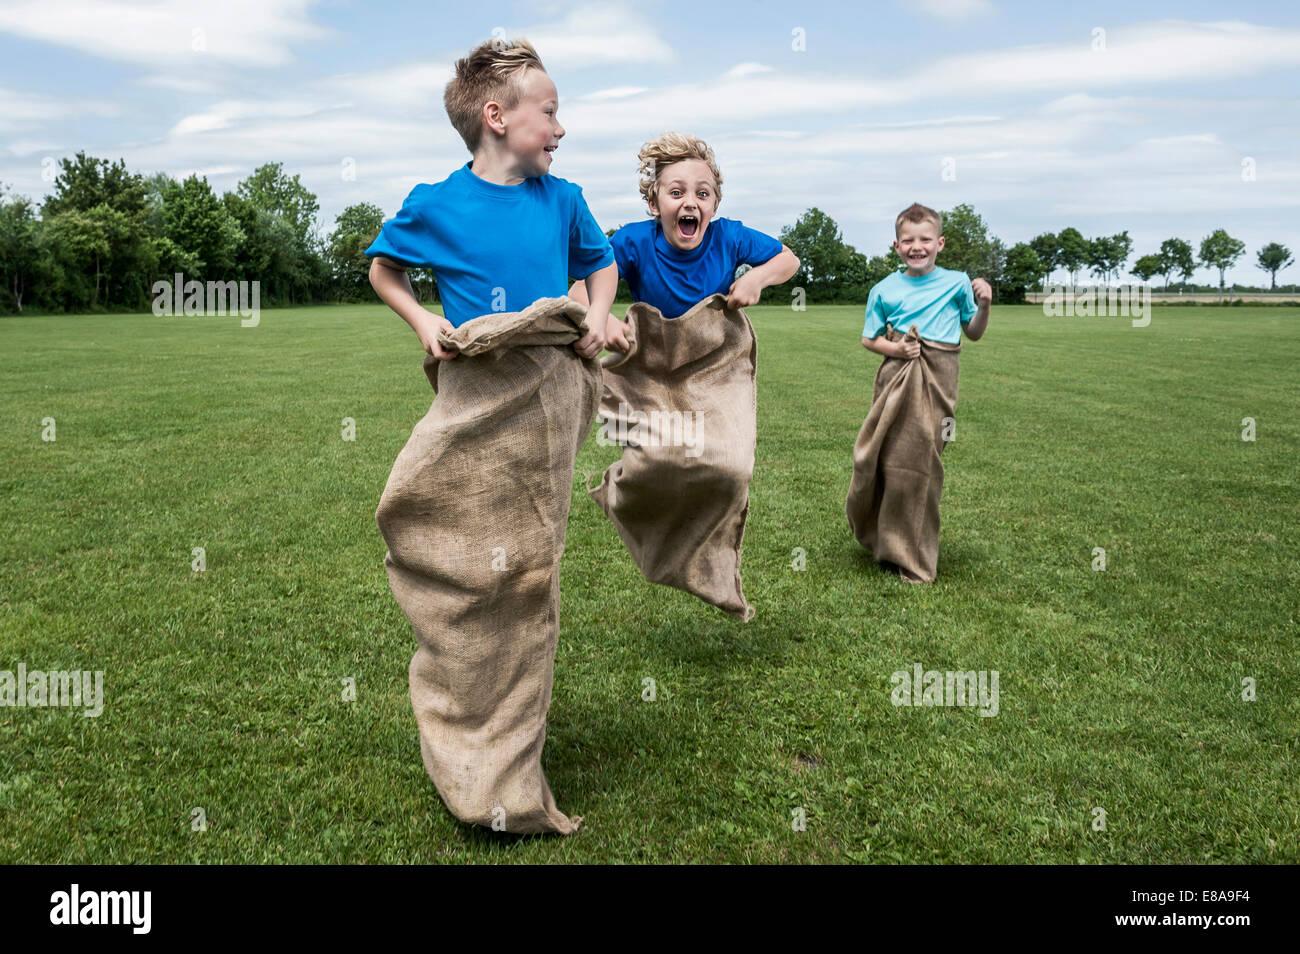 Tres jóvenes corriendo en sackrace saltar Imagen De Stock